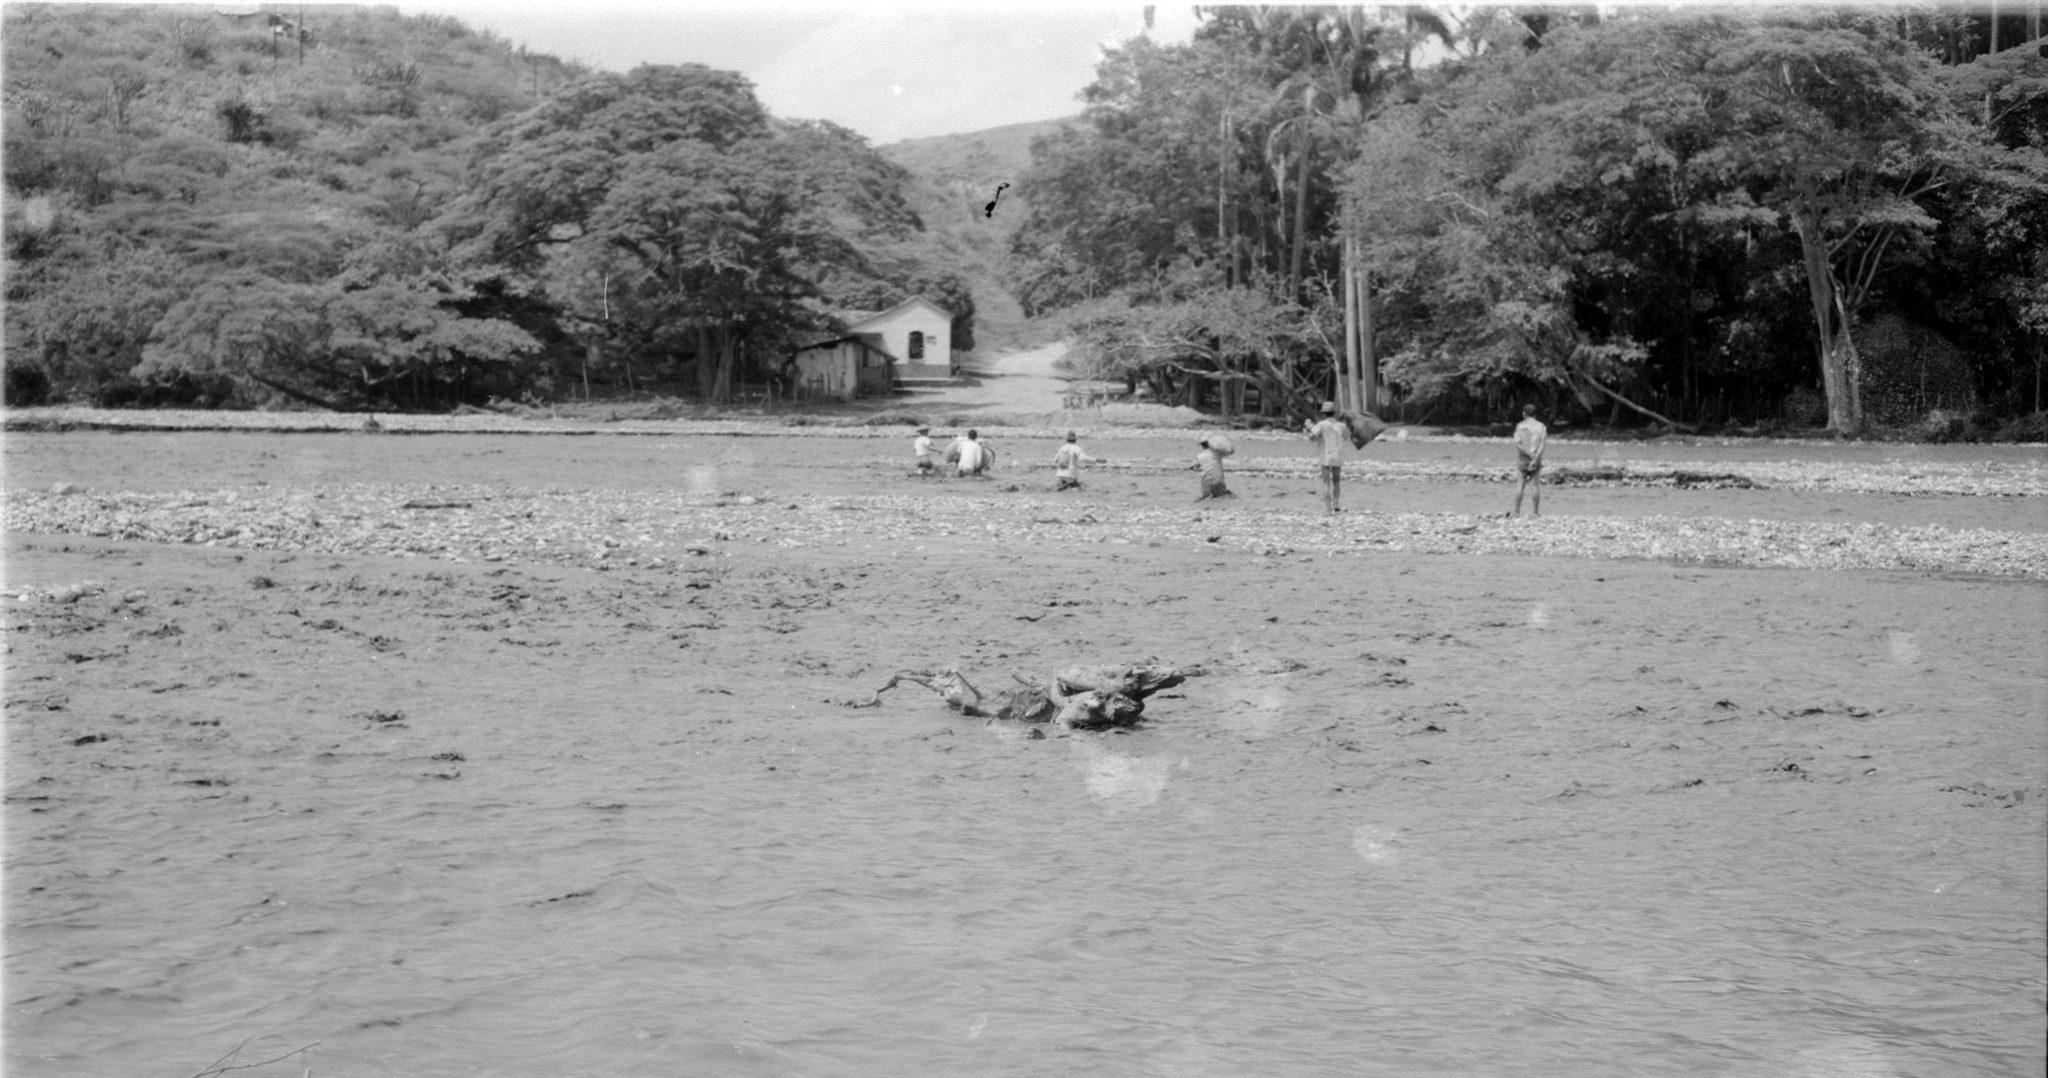 La Provincia Caquetía de Barquisimeto